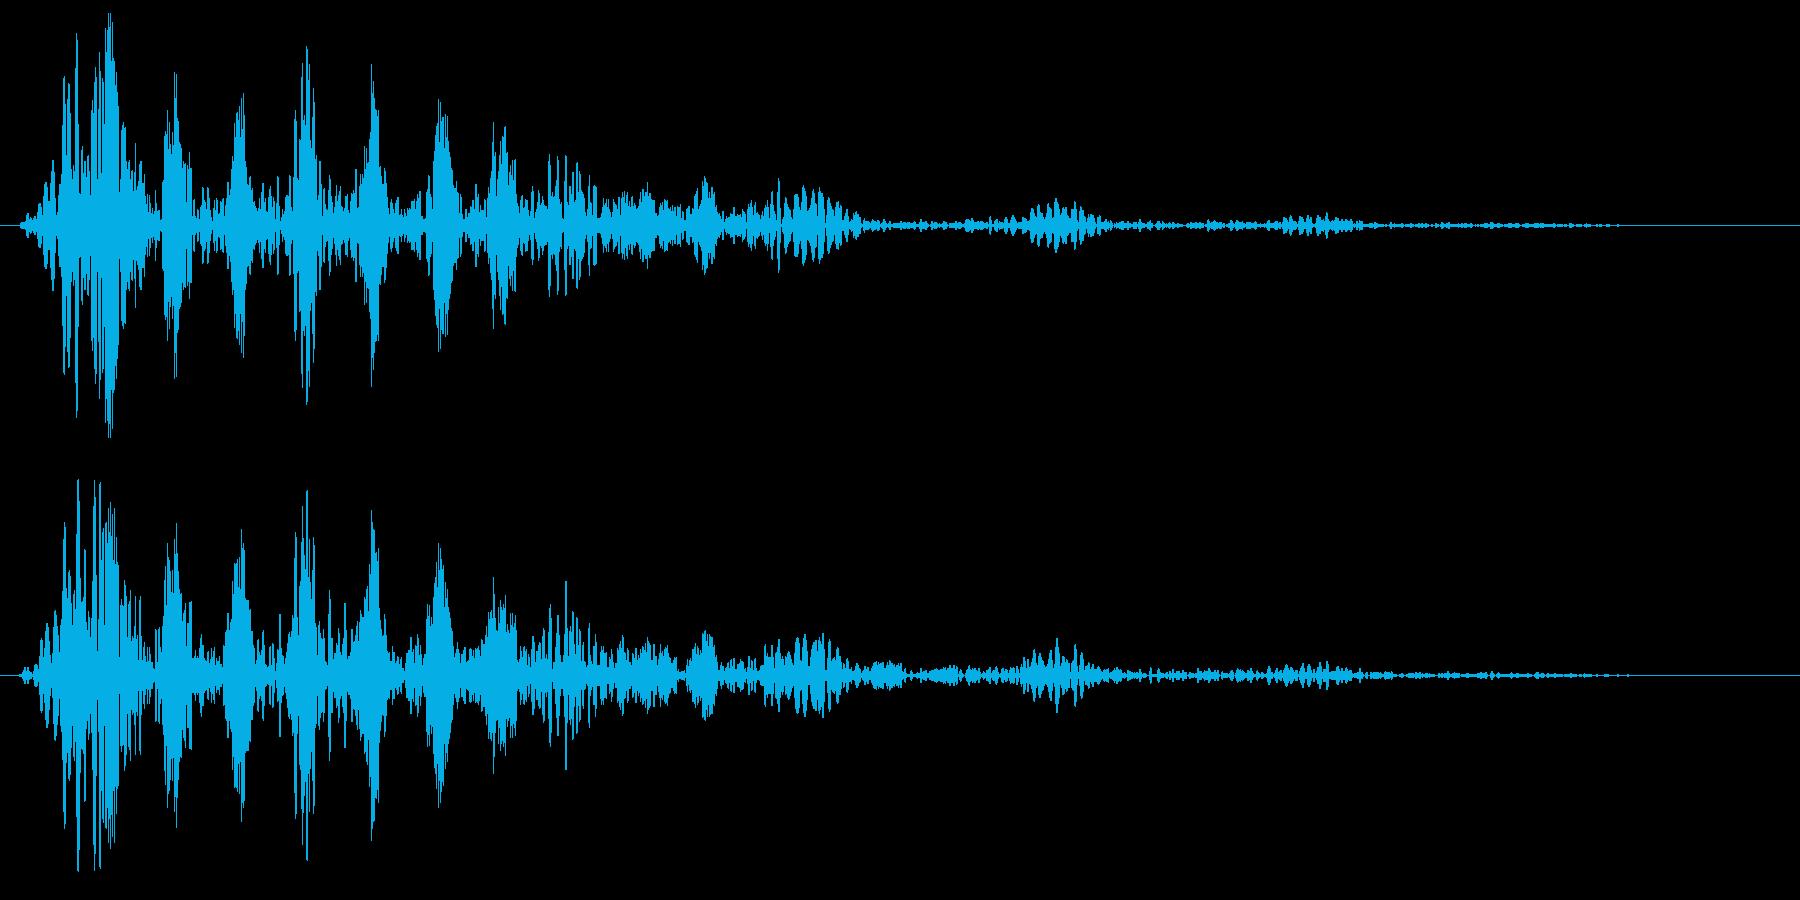 ブ〜〜ン (波形の発射音)の再生済みの波形